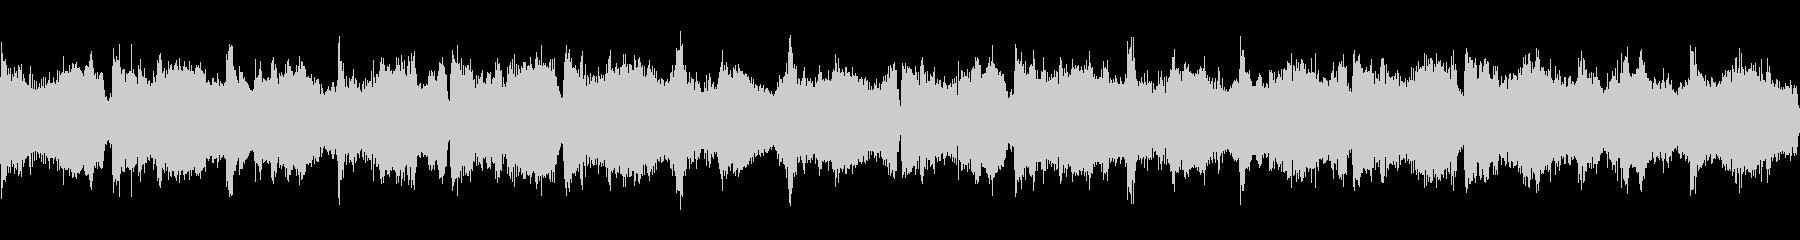 幻想的で落ち着いたアンビエント4 ループの未再生の波形